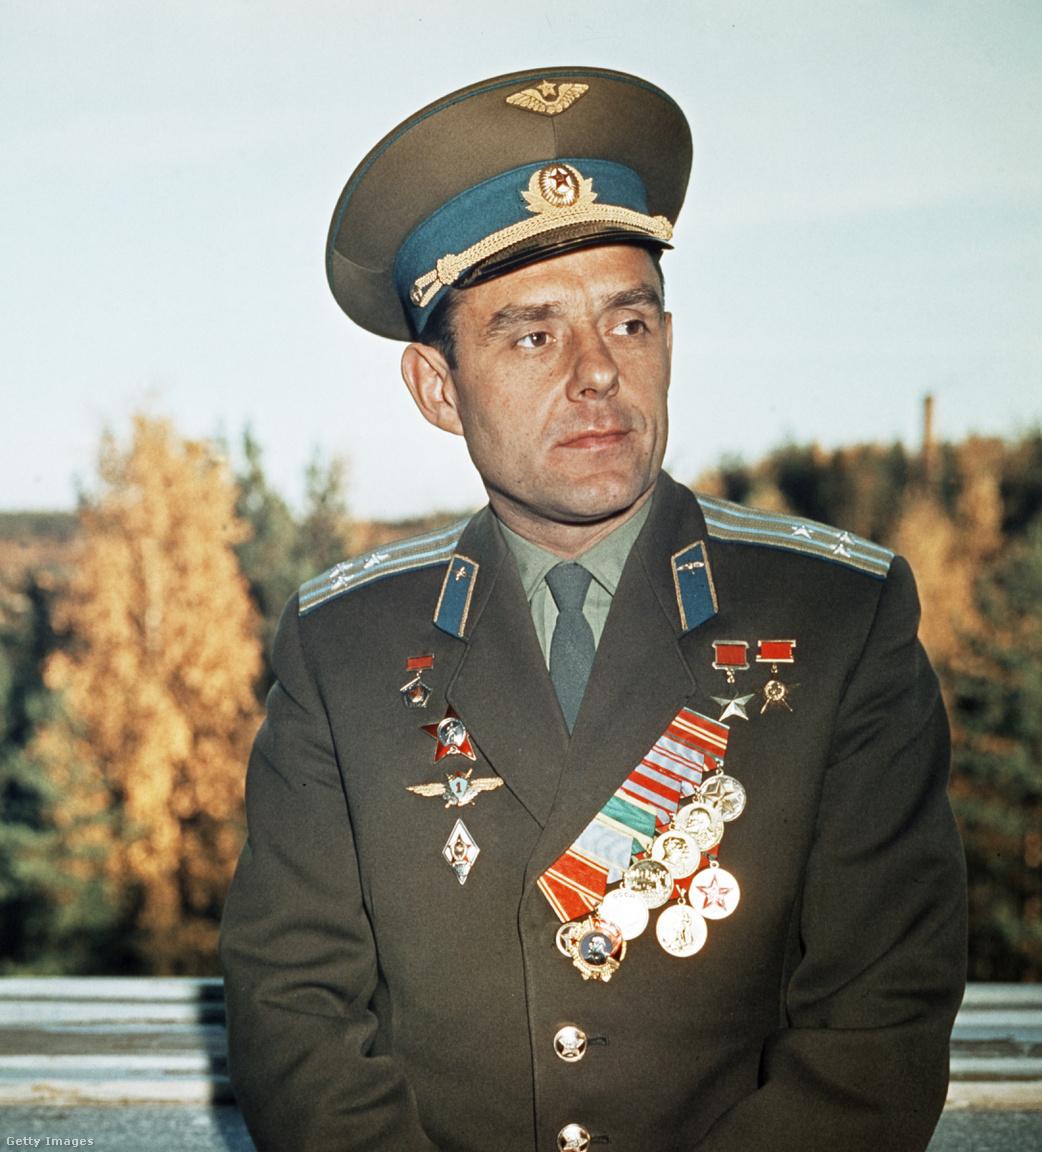 Az állami és katonai kitüntetésekkel bőségesen kidekorált Komarov 1966-ban.